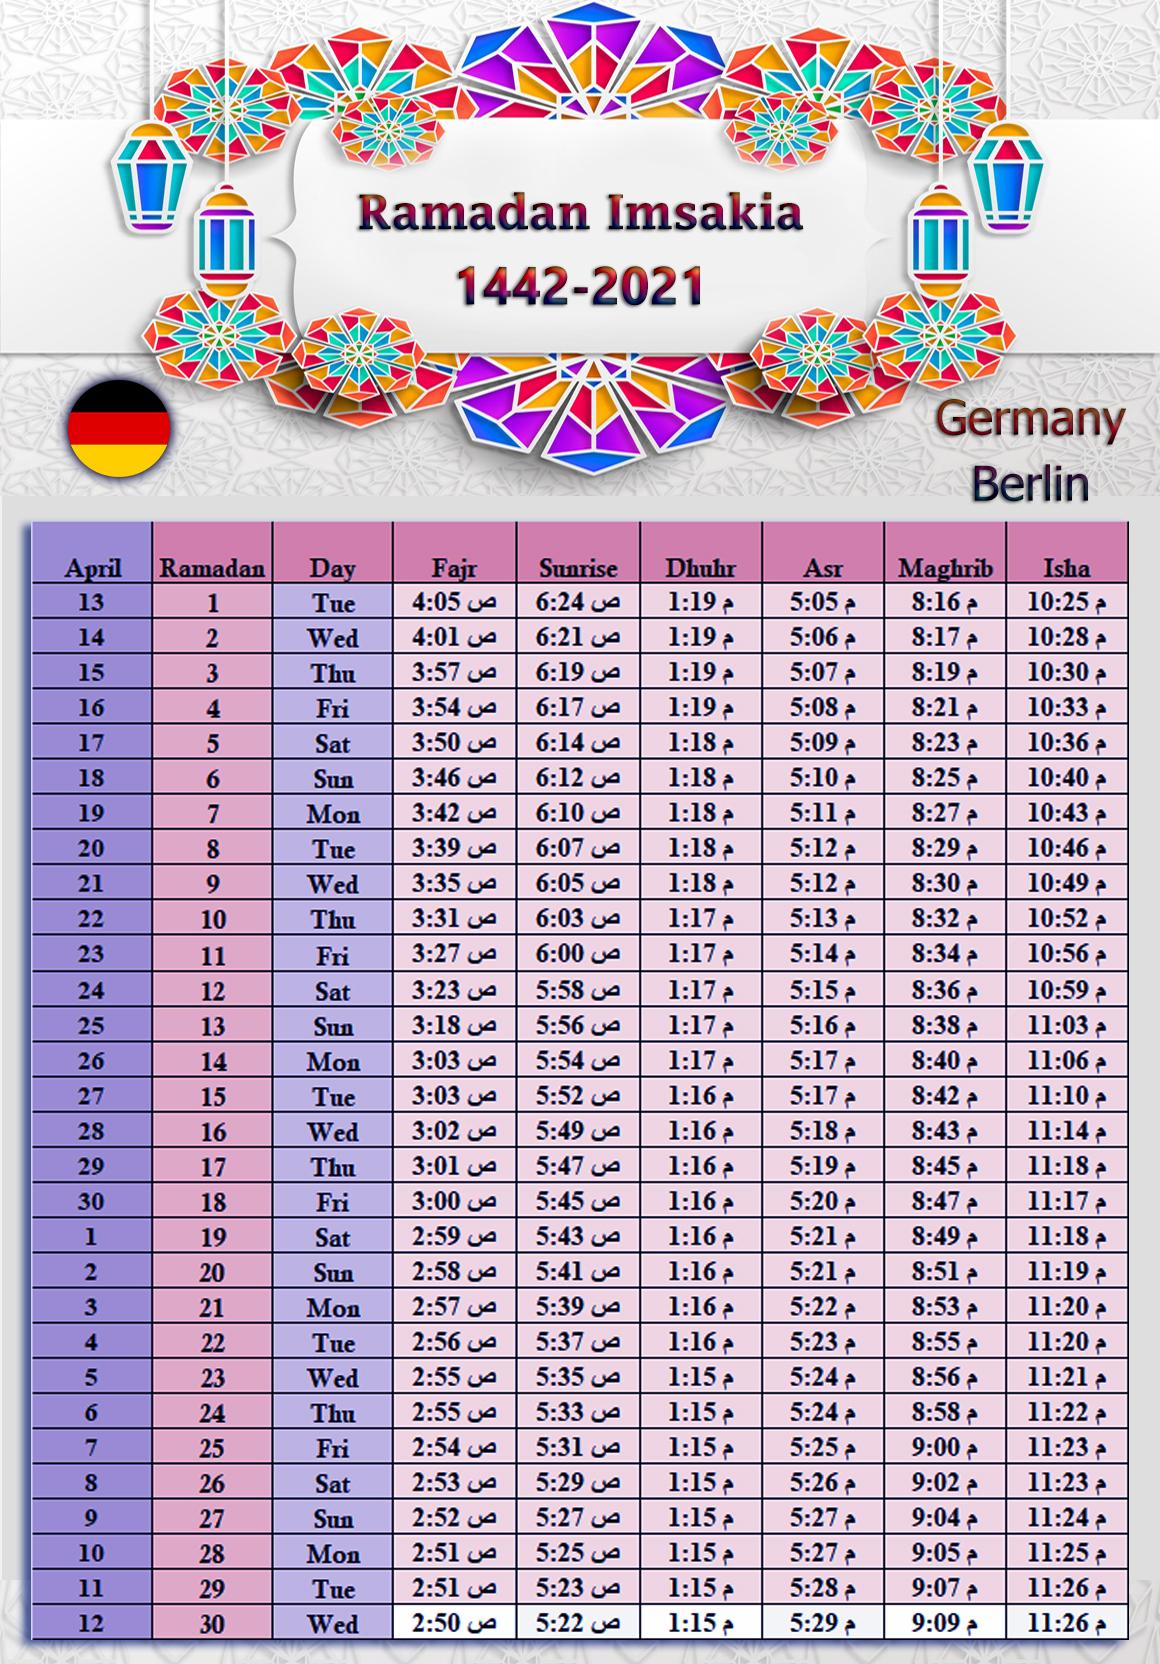 تحميل امساكية رمضان 2021 برلين المانيا 1442 Ramadan Imsakia Berlin Germany ،